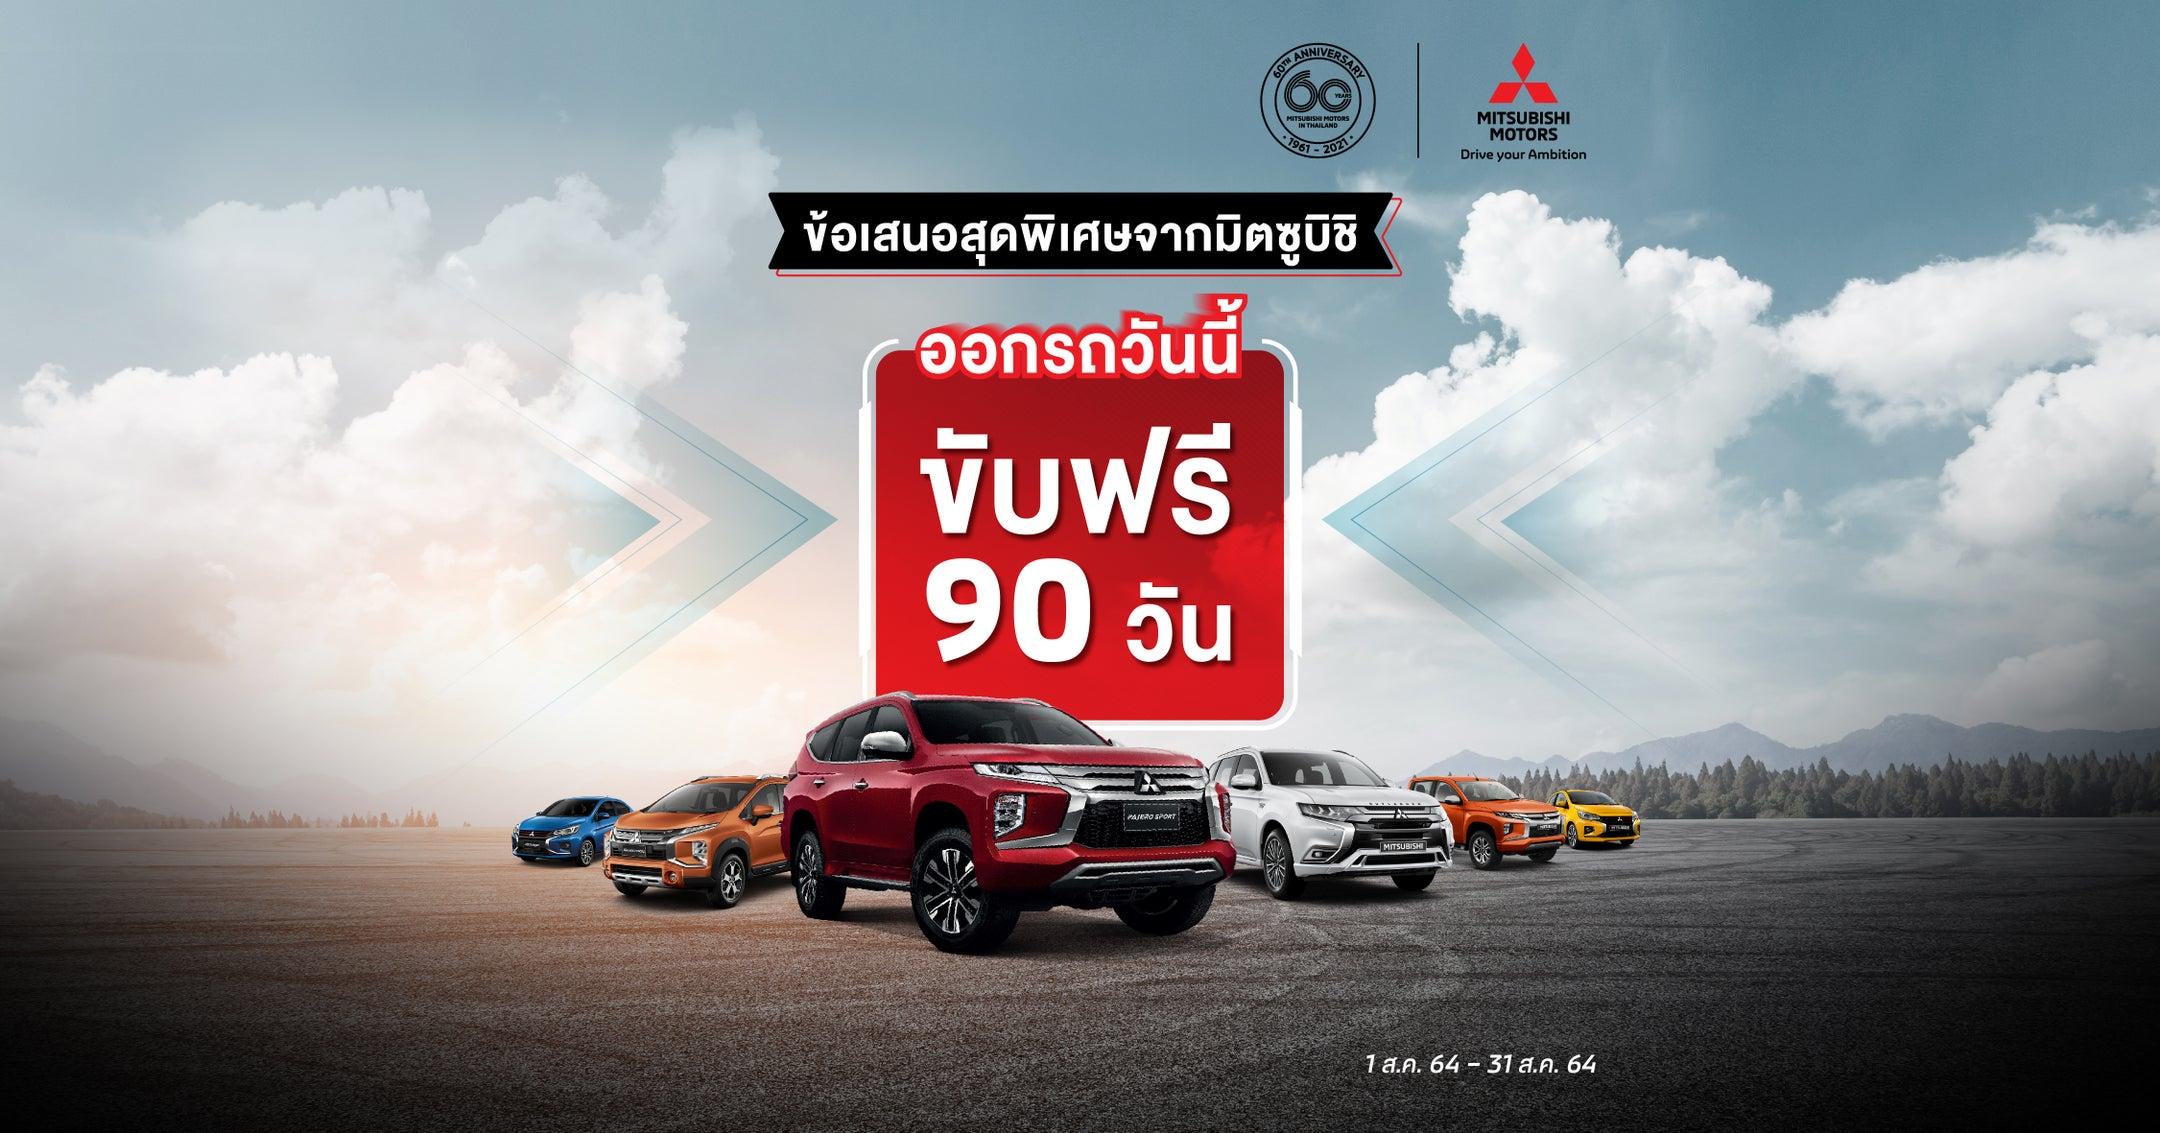 ข้อเสนอสุดพิเศษ! ขับฟรีสูงสุด 90 วัน สำหรับลูกค้าที่จองรถยนต์มิตซูบิชิรุ่นใดก็ได้